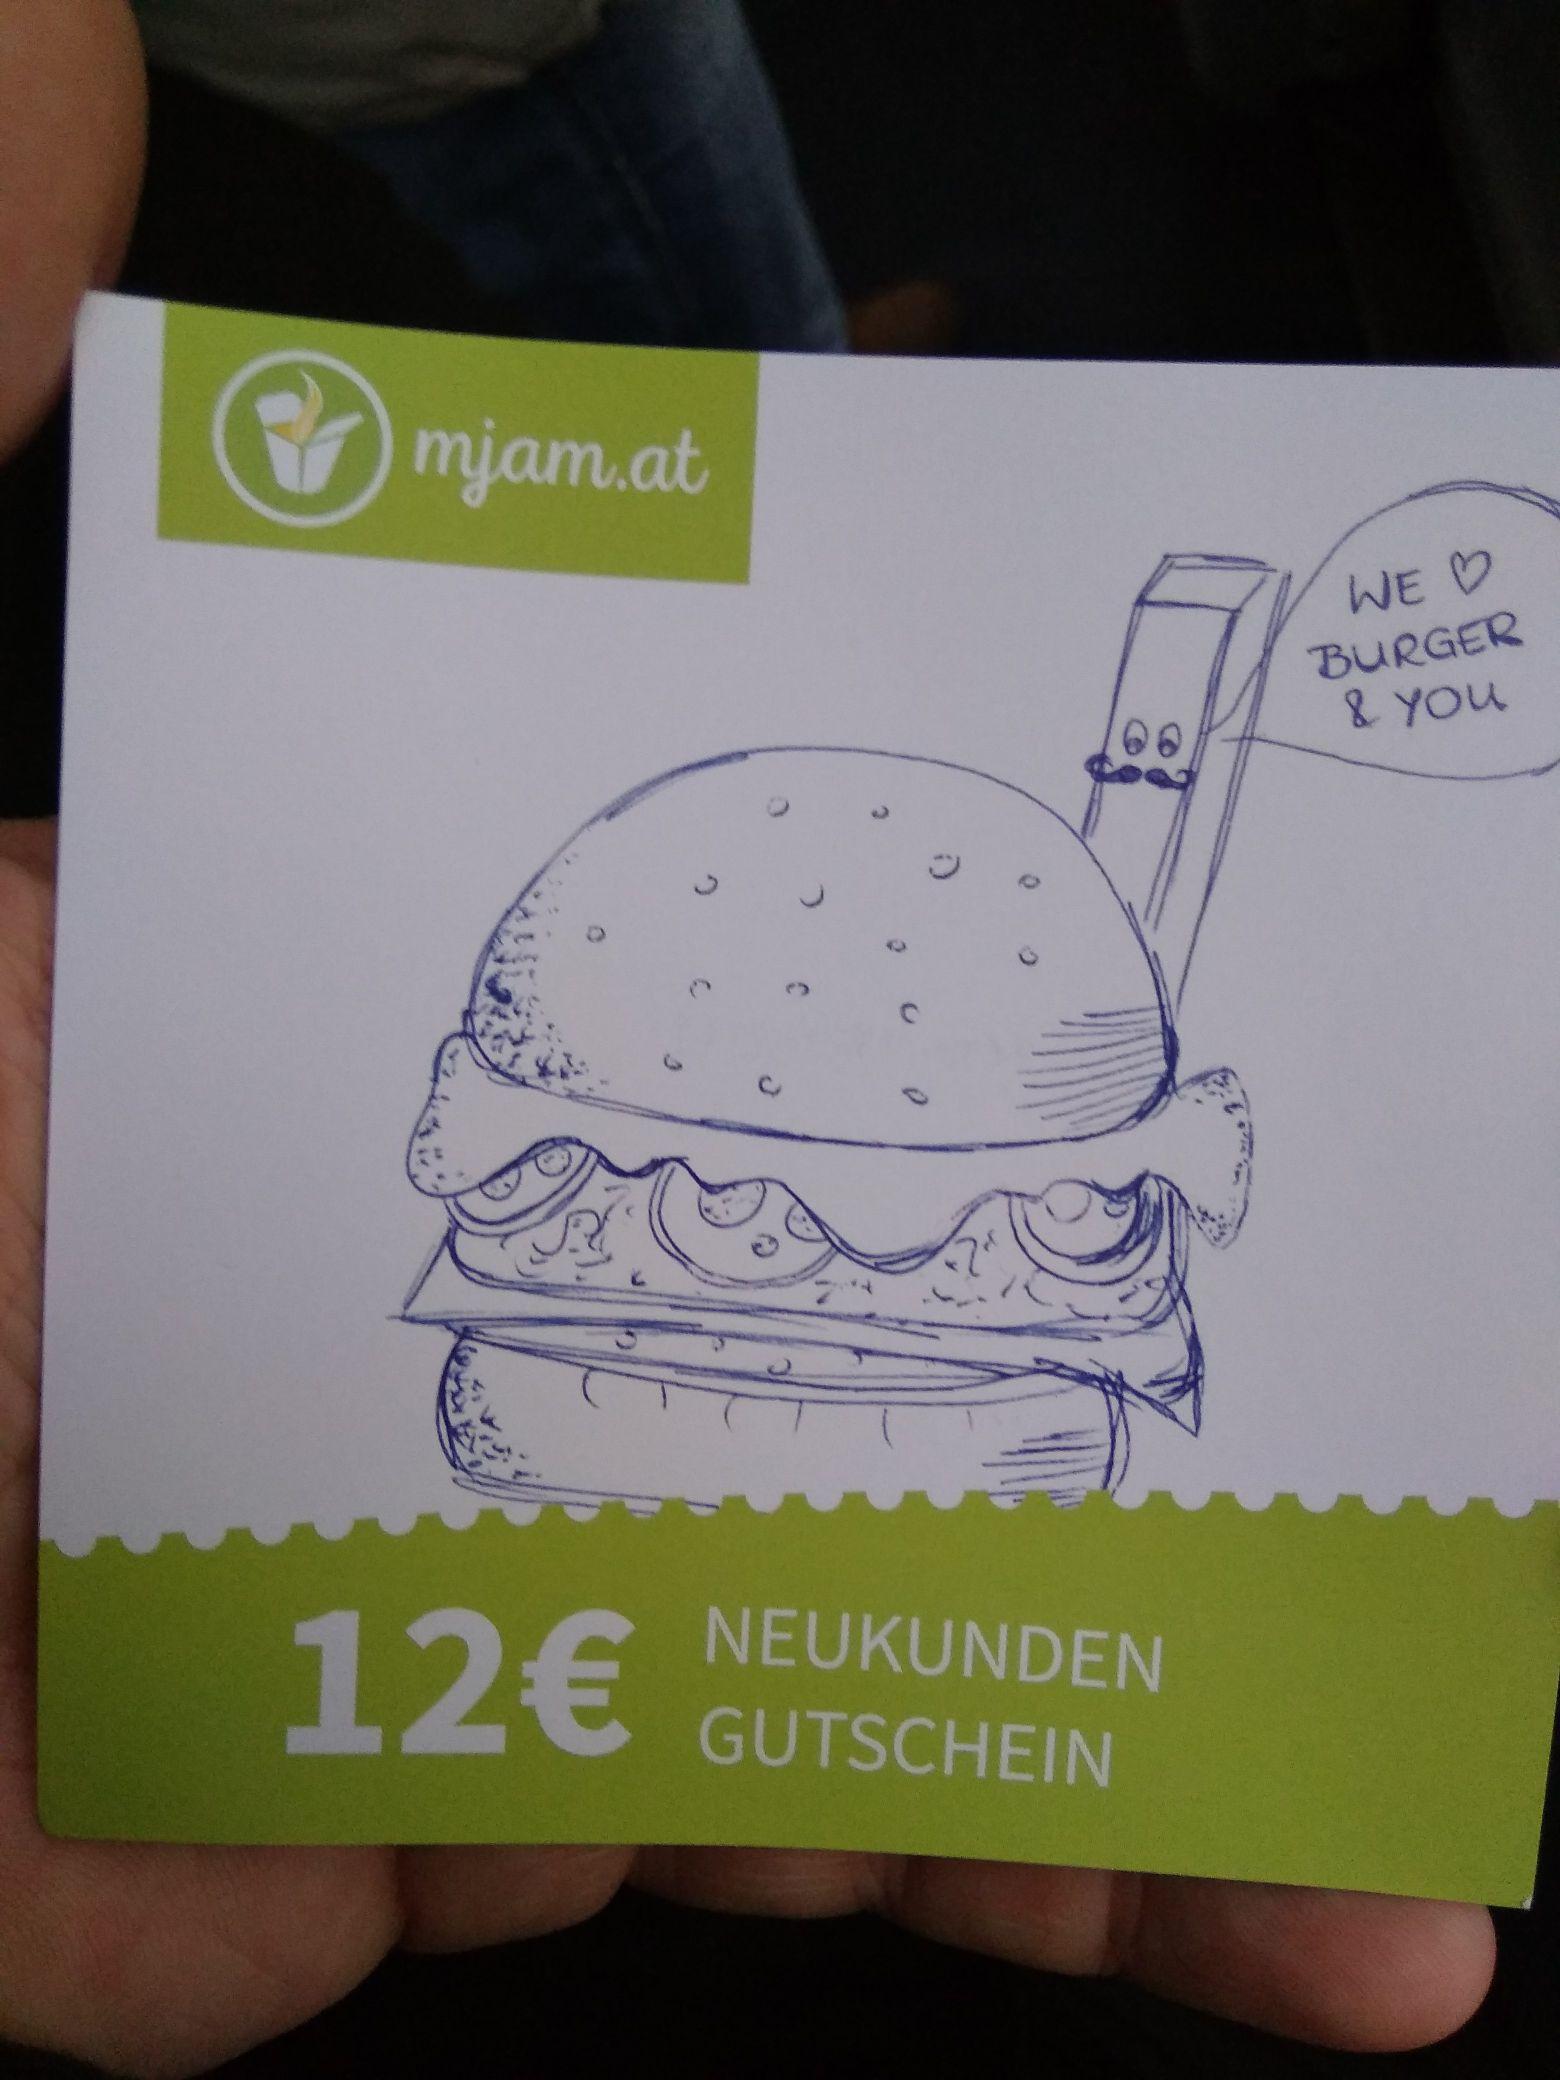 (fetter Preisjäger) 12€ Neukunden-Gurschein für mjam